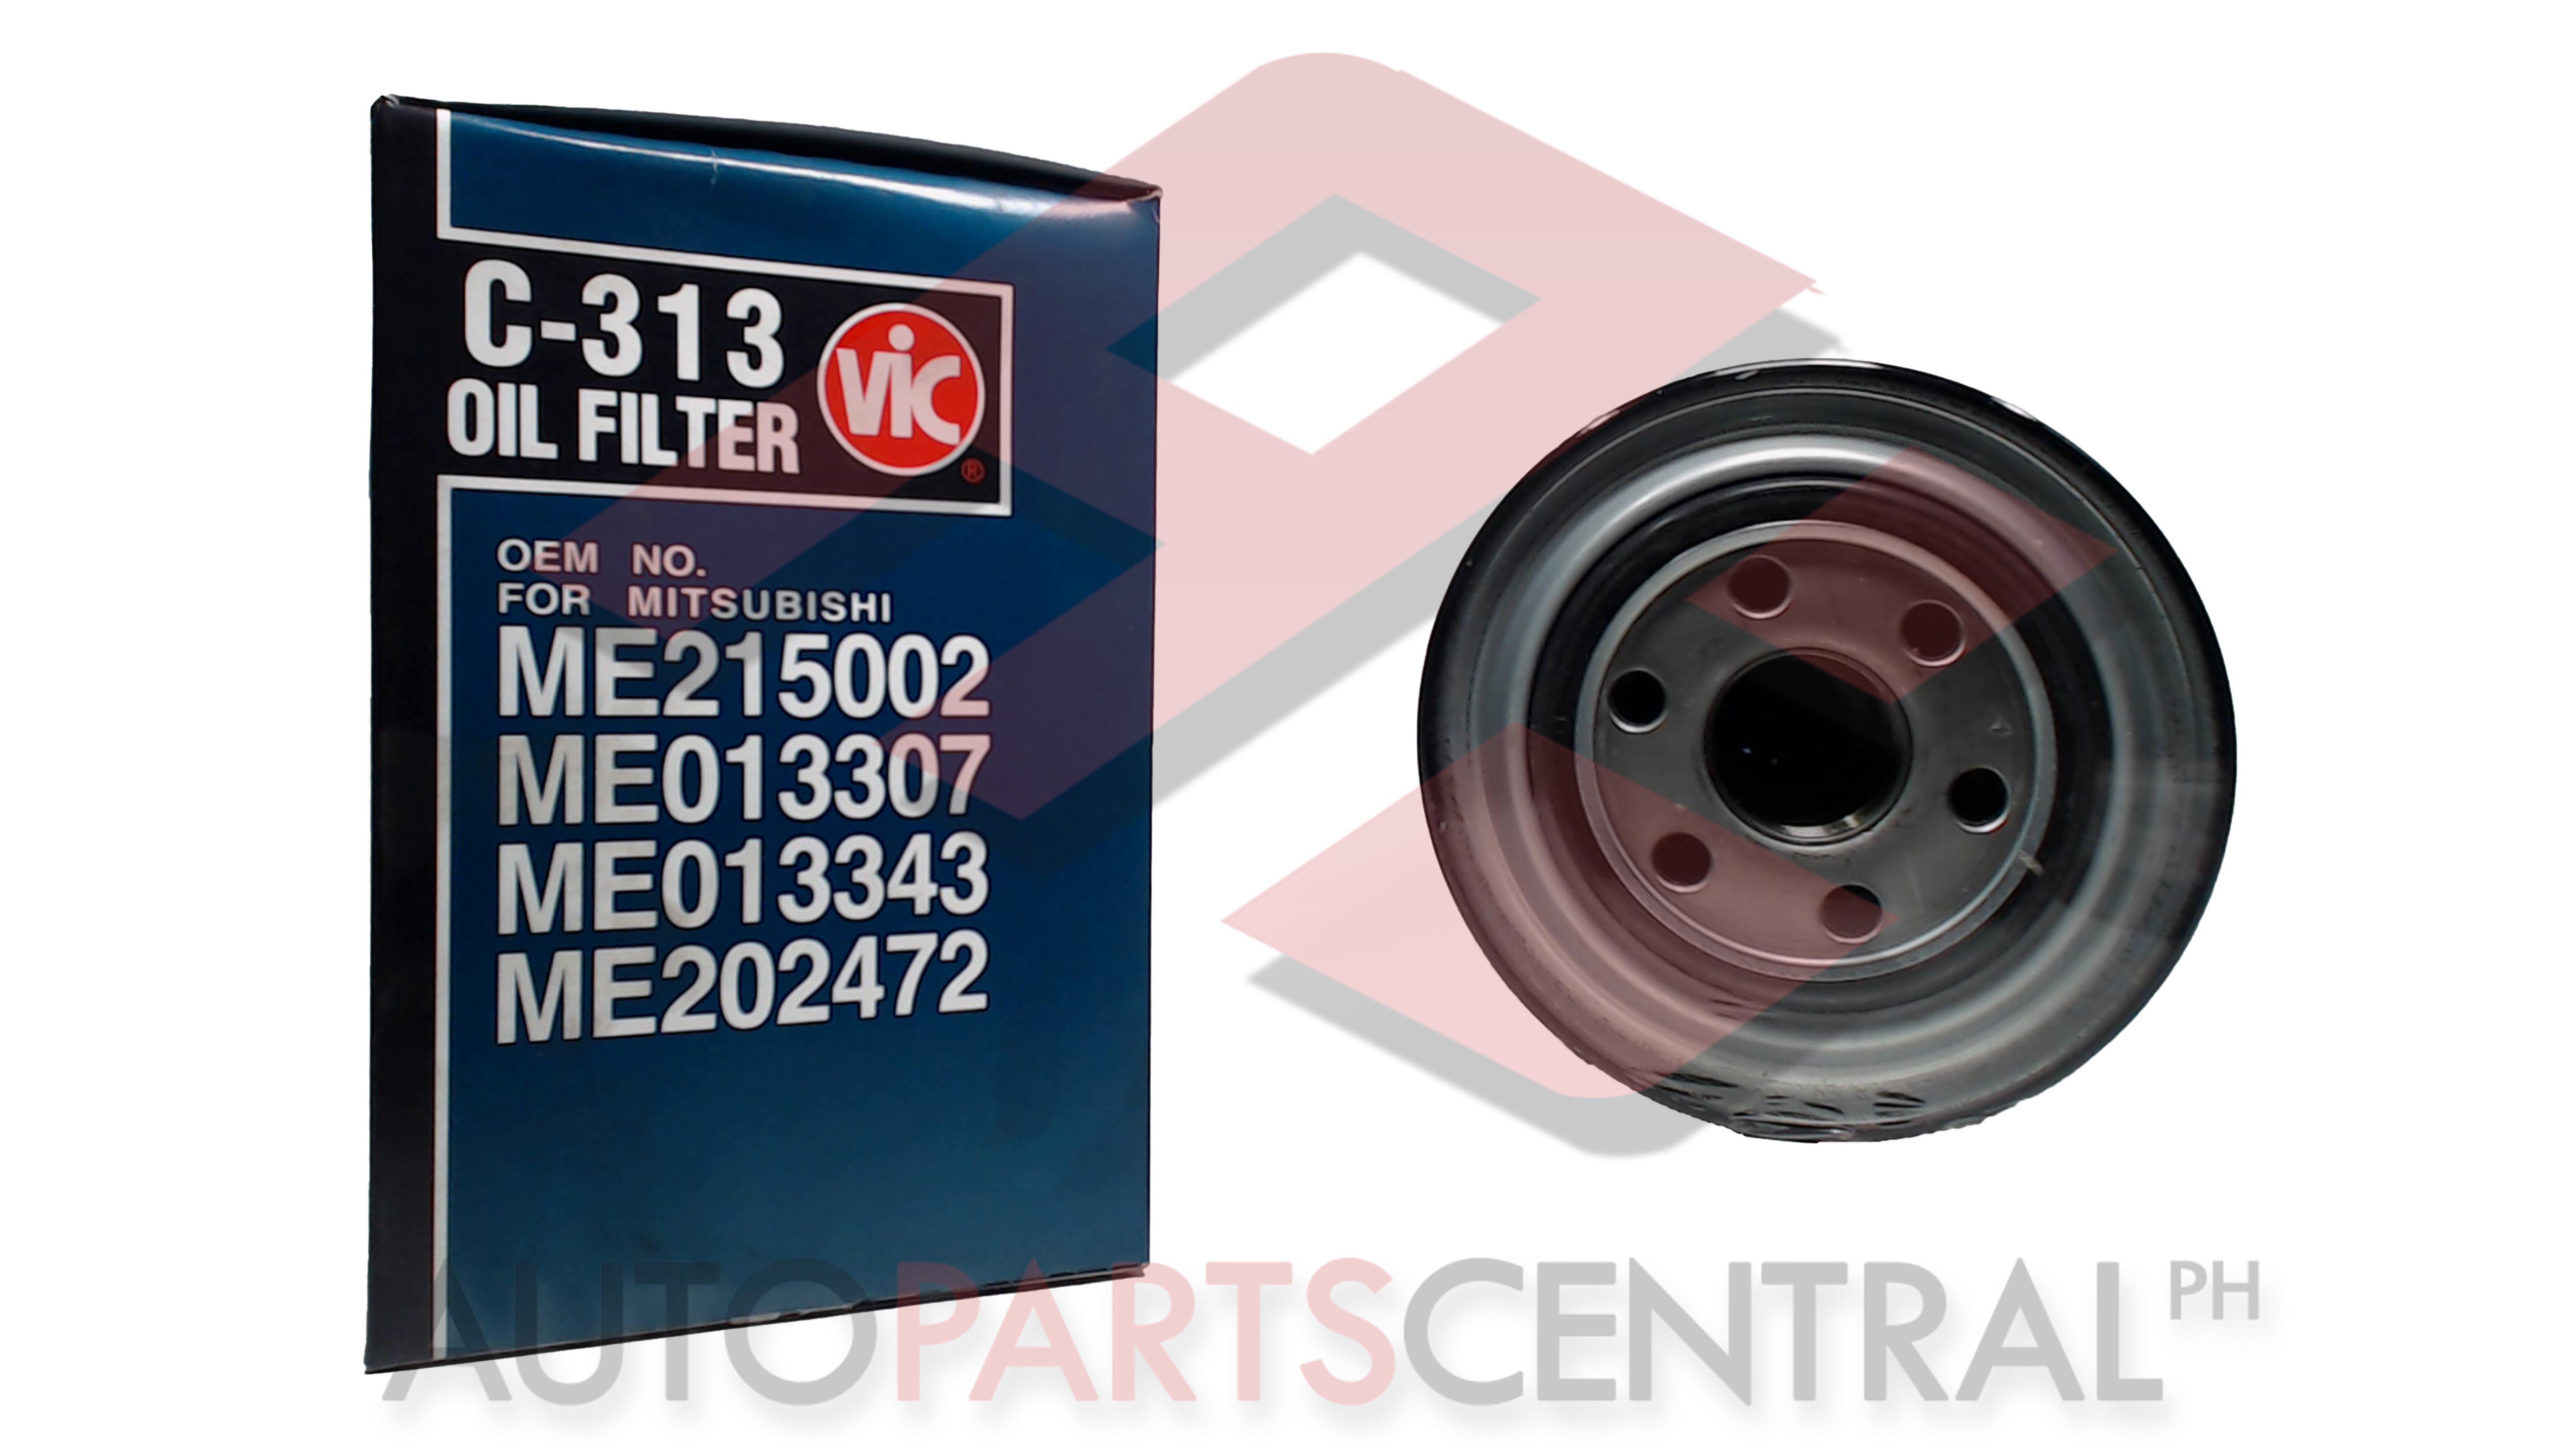 Oil Filter VIC C-313 4M40